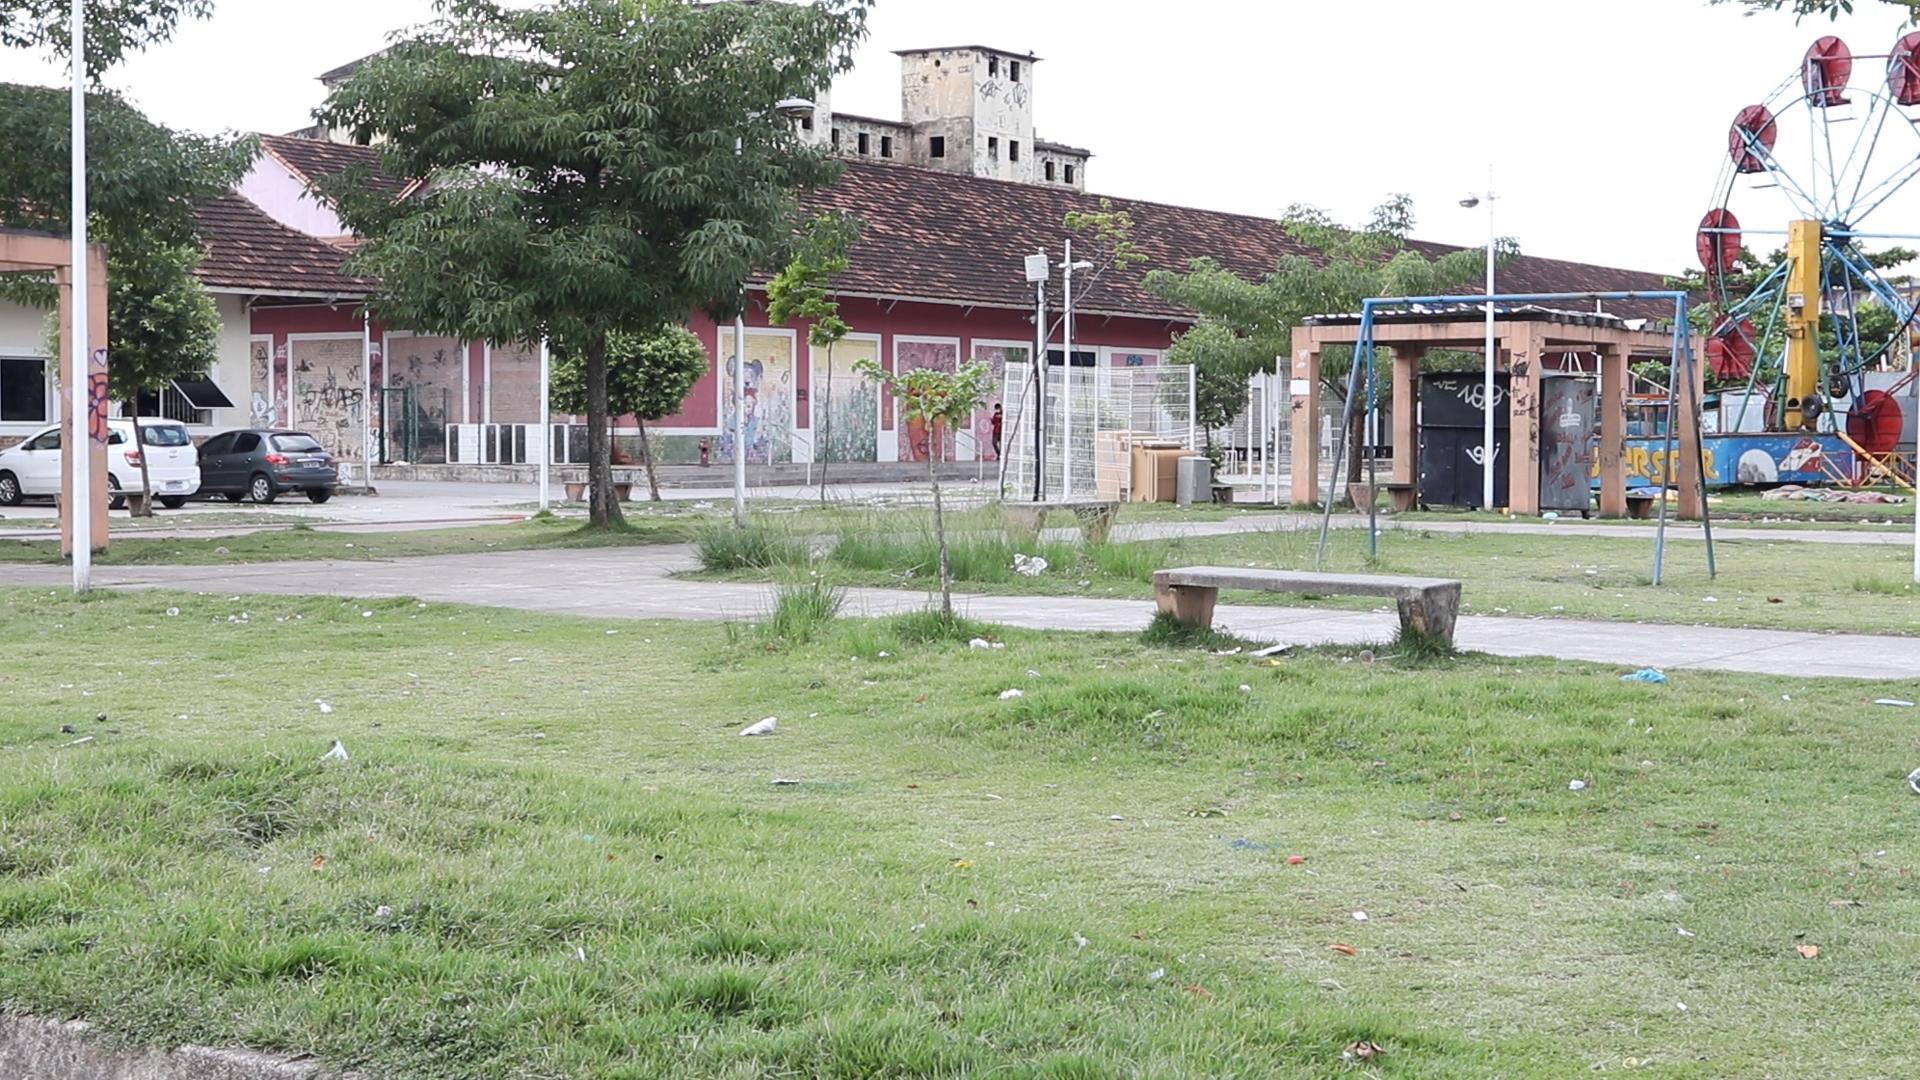 Morador de Manguinhos denuncia o abandono de espaços culturais na favela